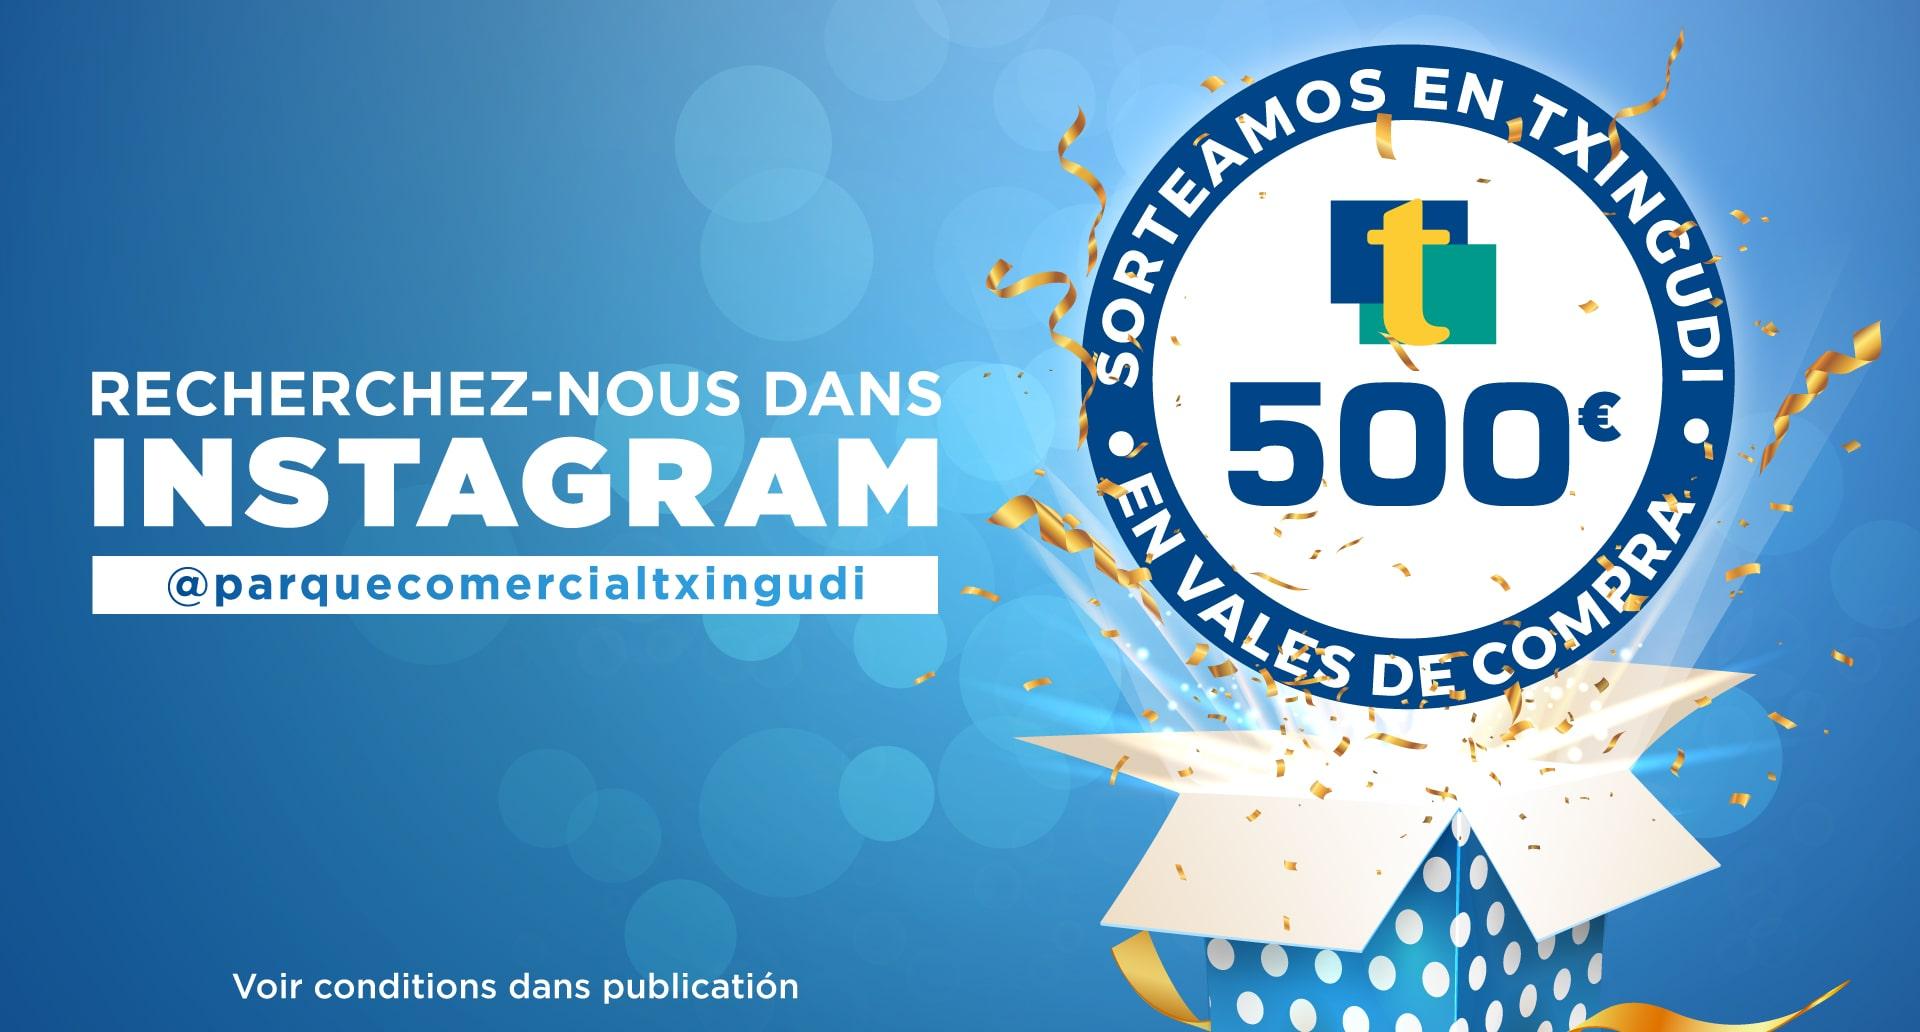 Le Centre Commercial Txingudi met en jeu 500 € en bons d'achat à gagner dans un tirage au sort réservé à ses abonnés Instagram